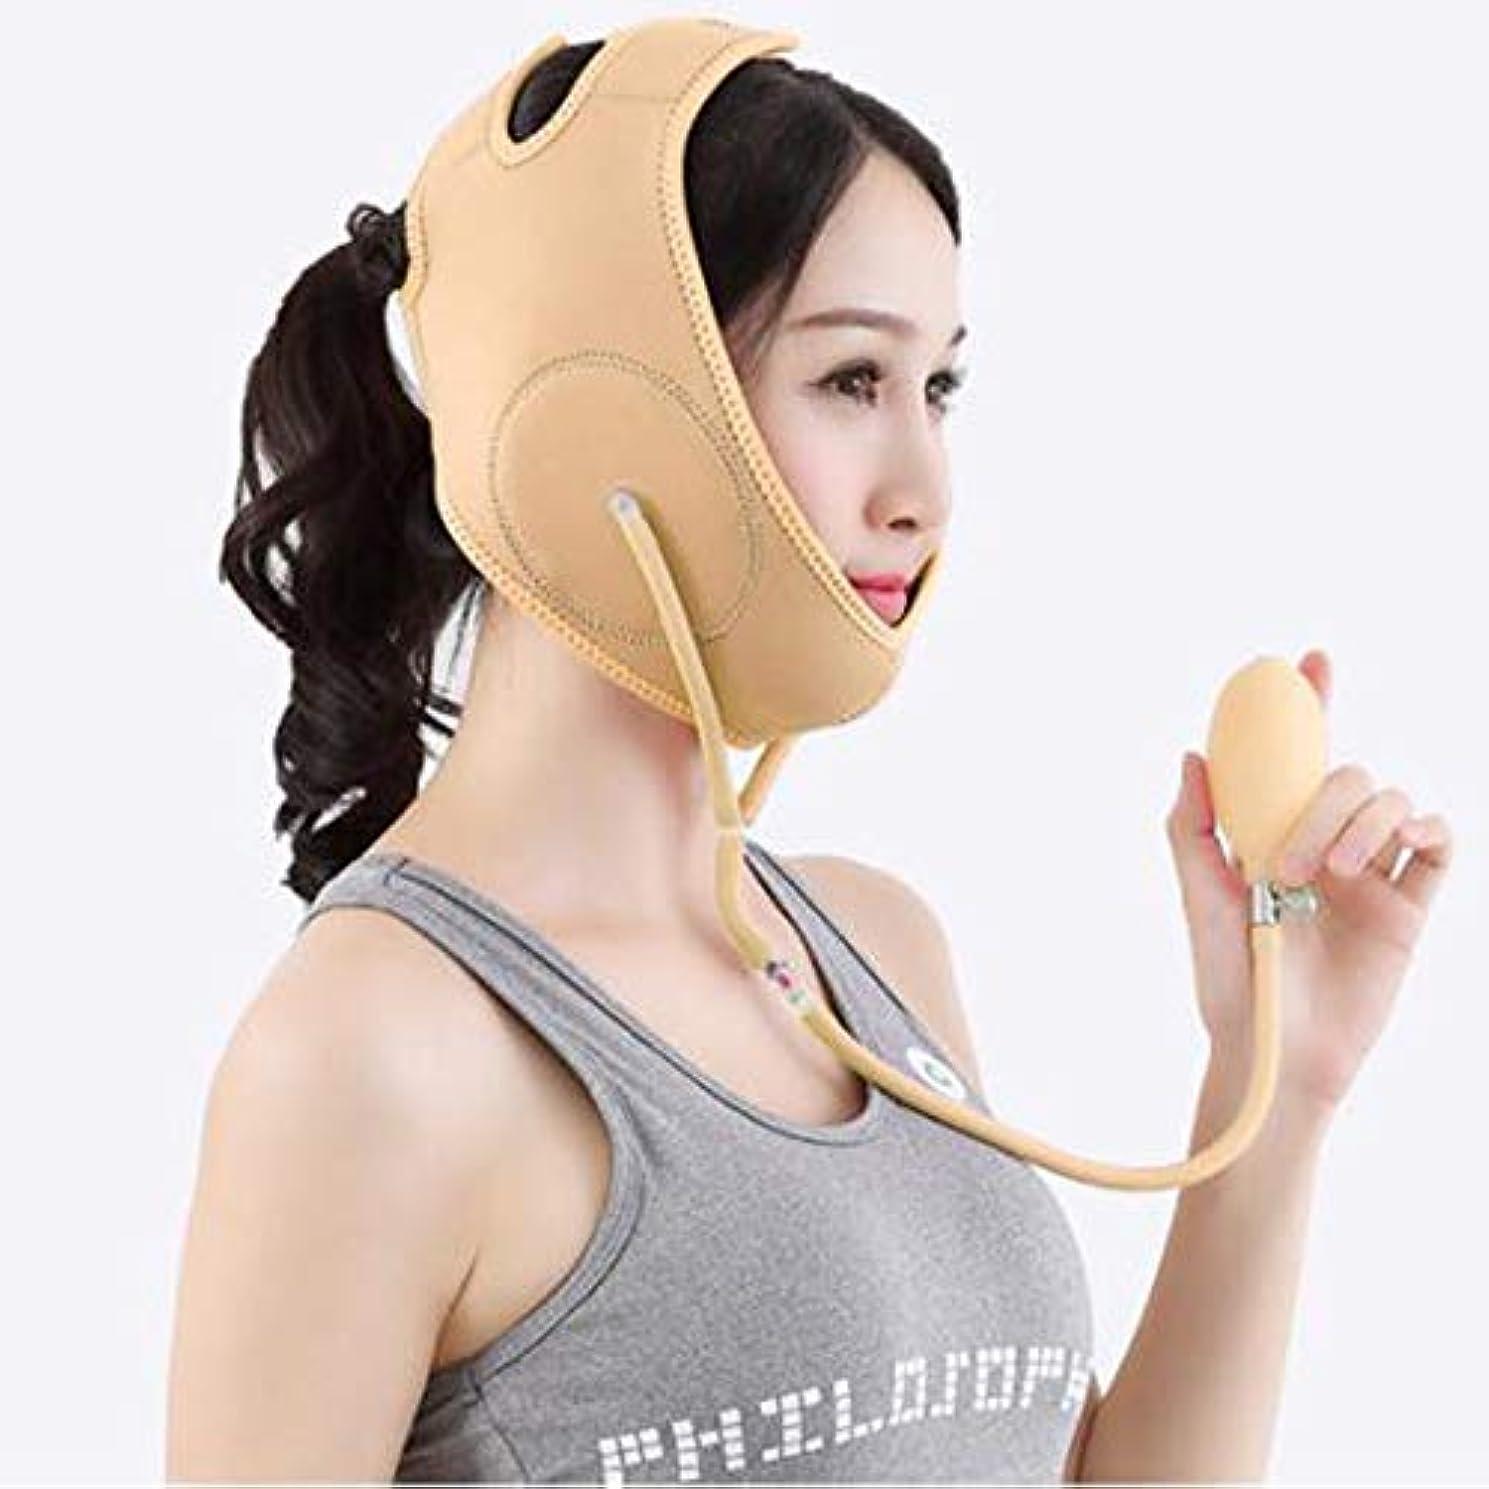 ケープ乱す散髪Minmin フェイシャルリフティング痩身ベルトダブルエアバッグ圧力調整フェイス包帯マスク整形マスクが顔を引き締める みんみんVラインフェイスマスク (Color : Beige, Size : M)